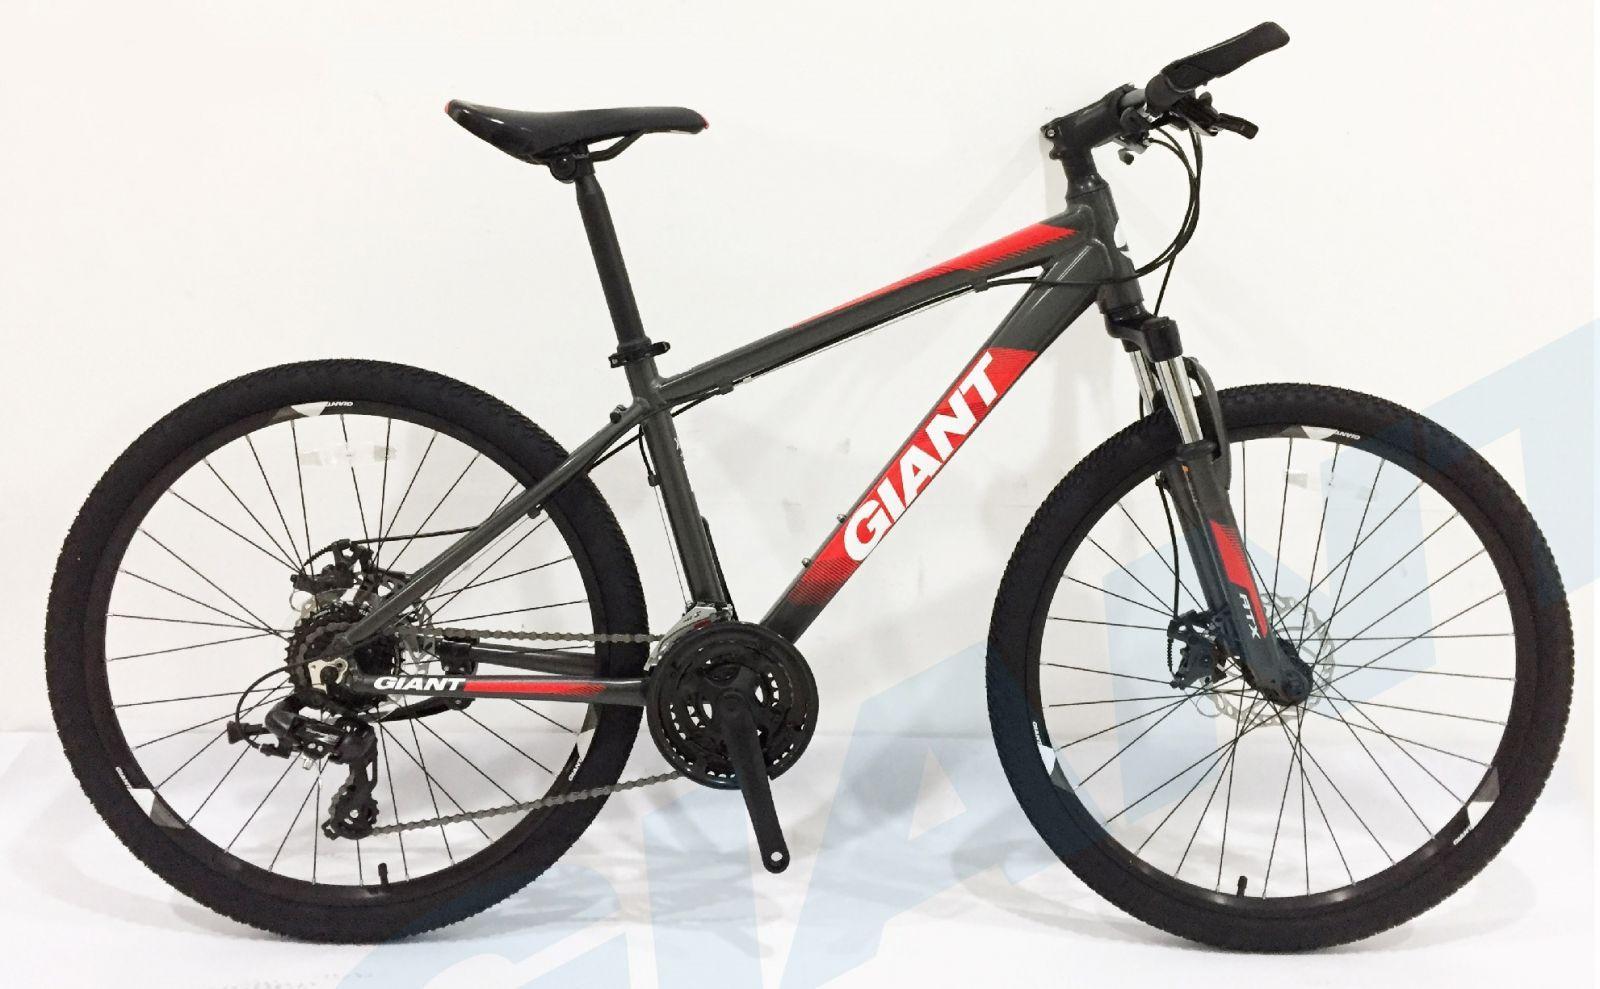 Xe đạp thể thao GIANT ATX 660 2019 (Xám đỏ)